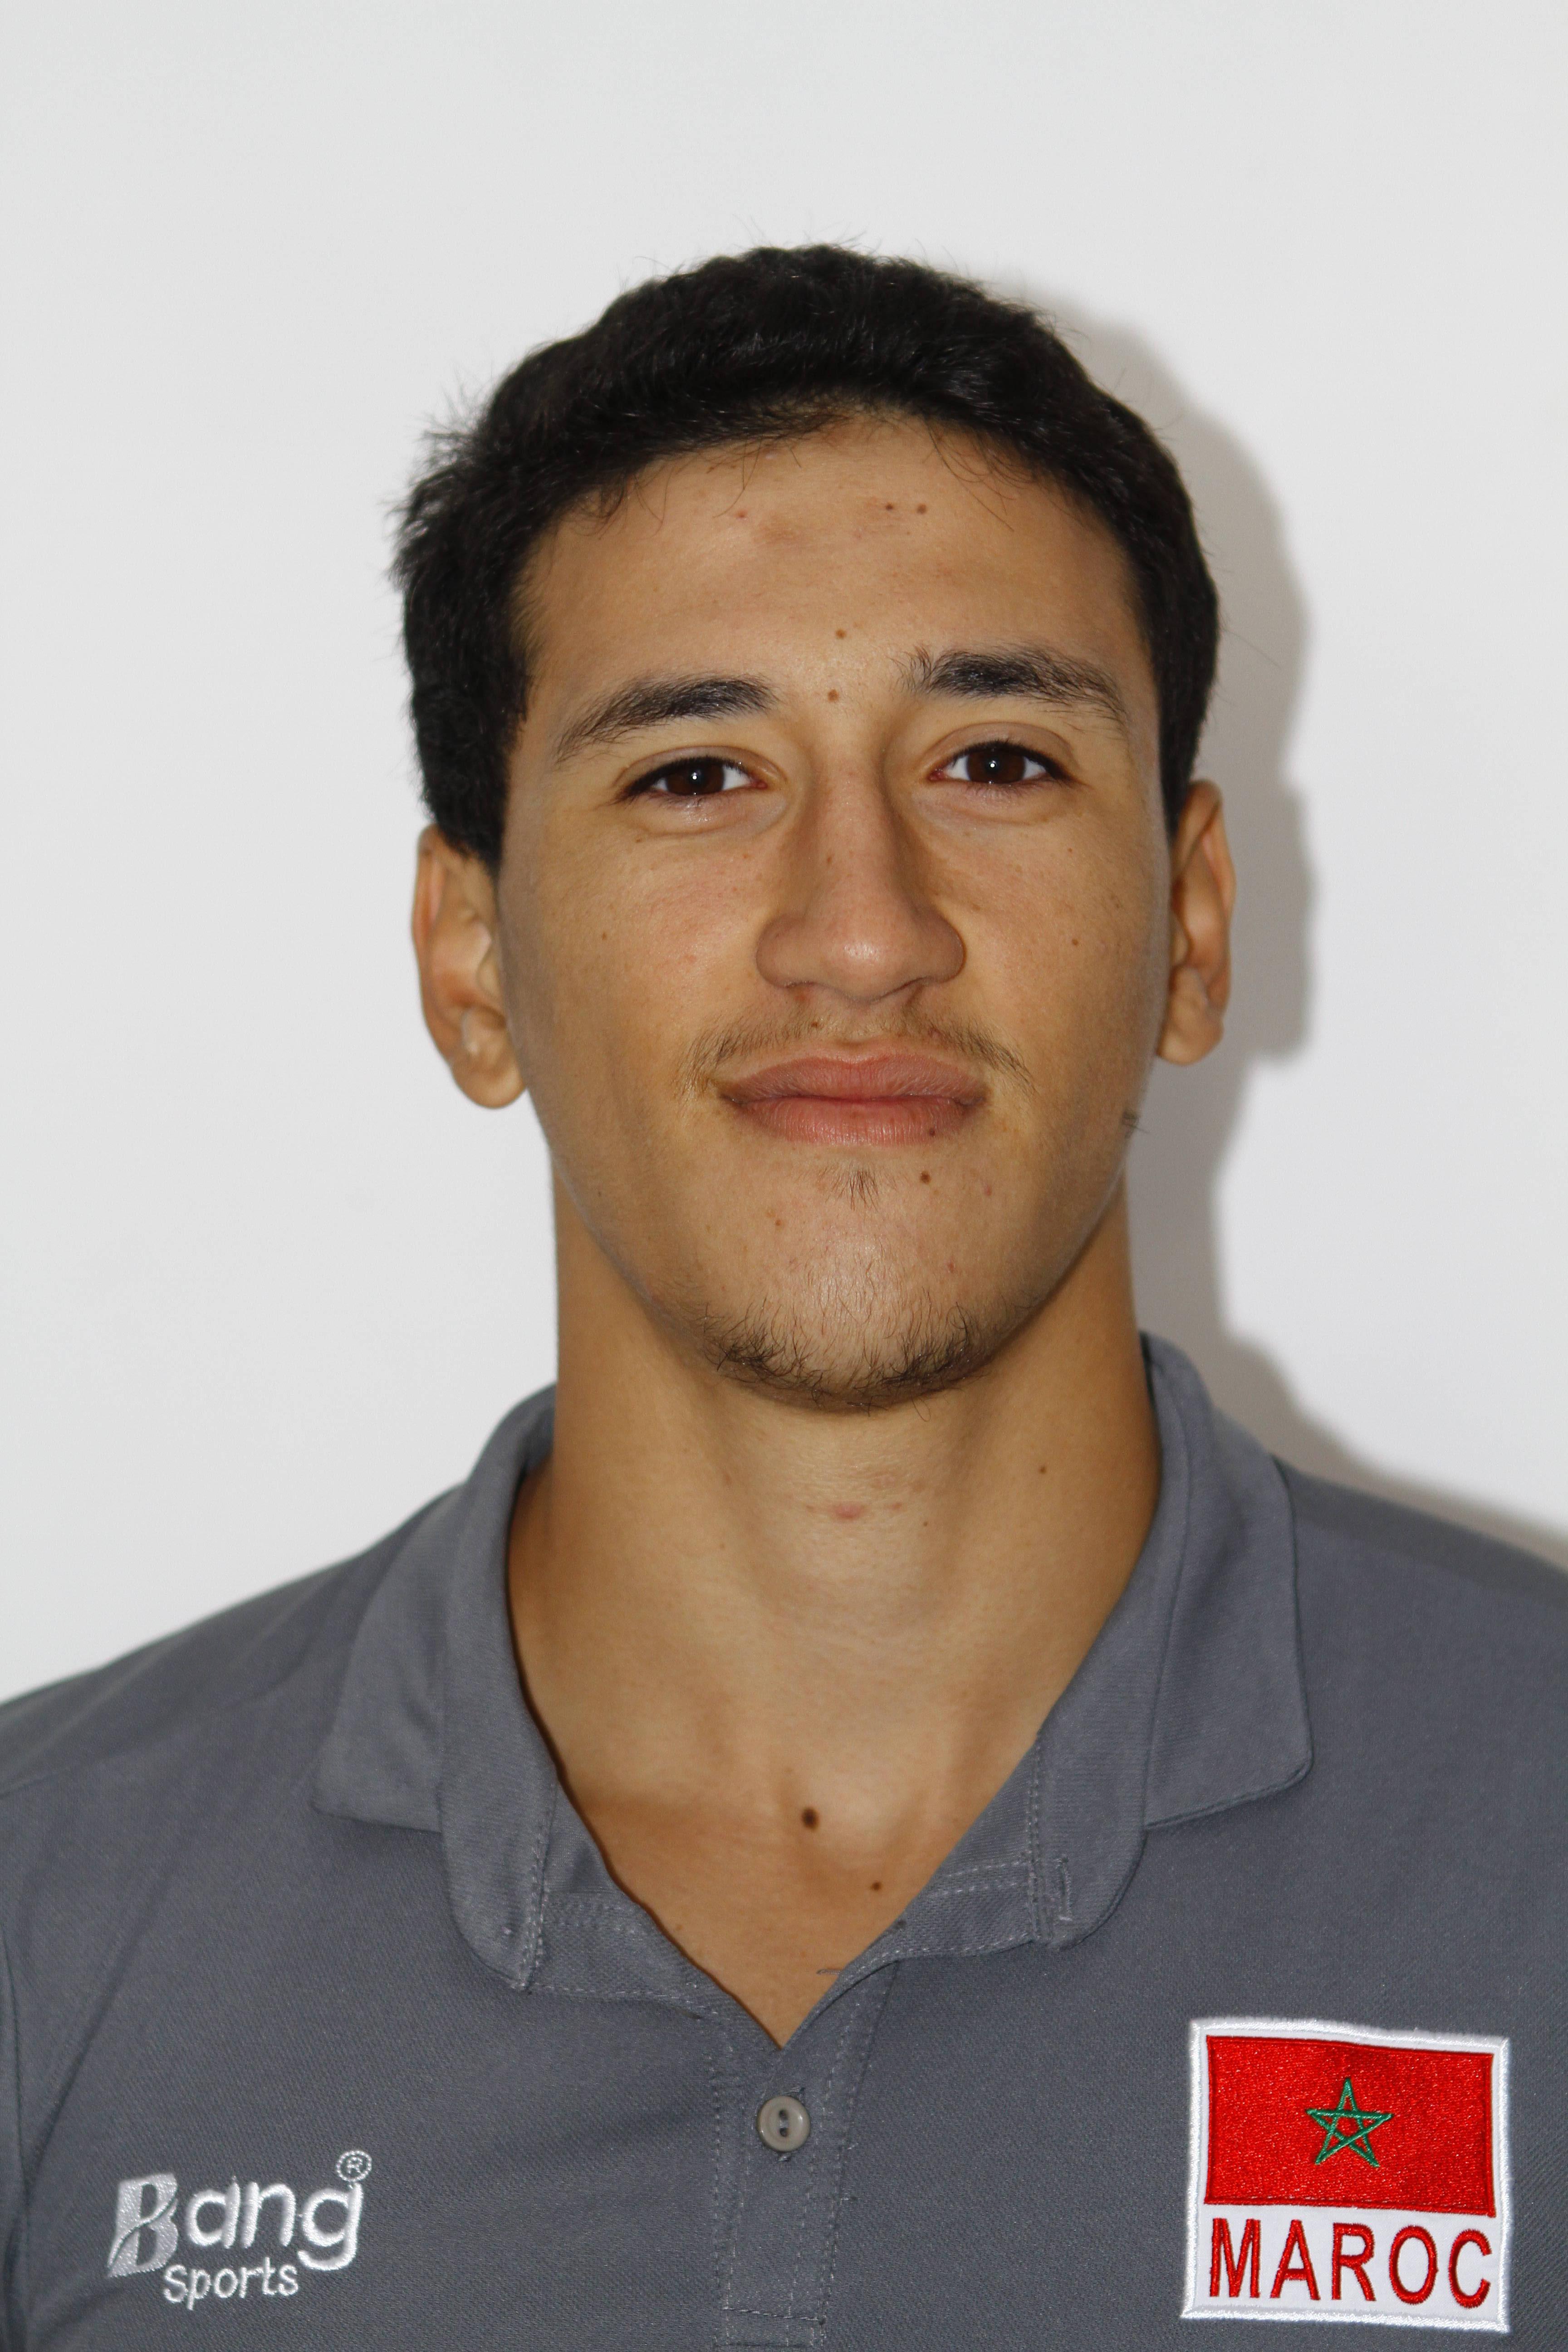 Mehdi Ouriaghli Youma